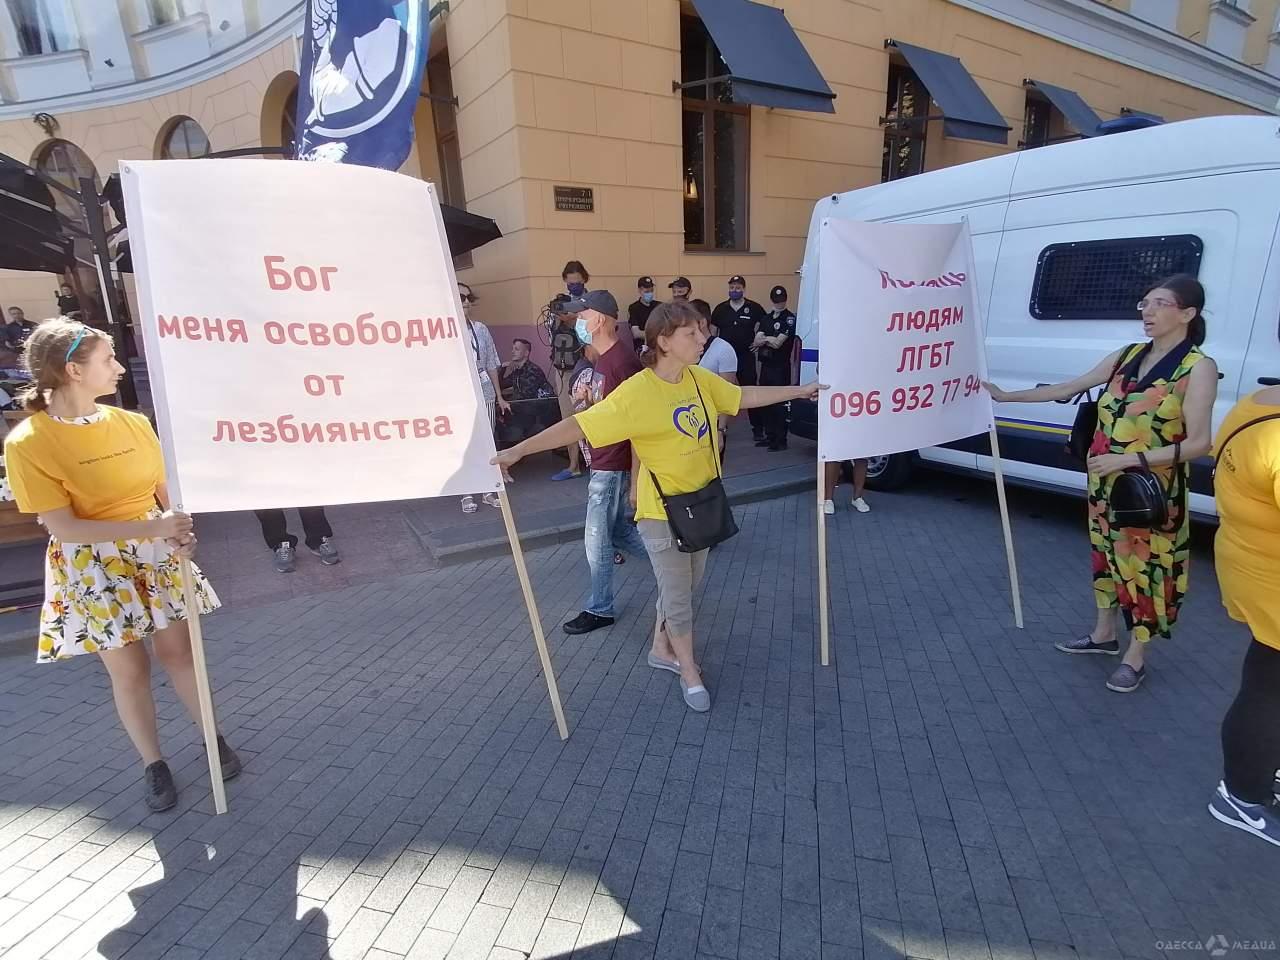 В Одессе произошло нападение националистов на ЛГБТ-парад